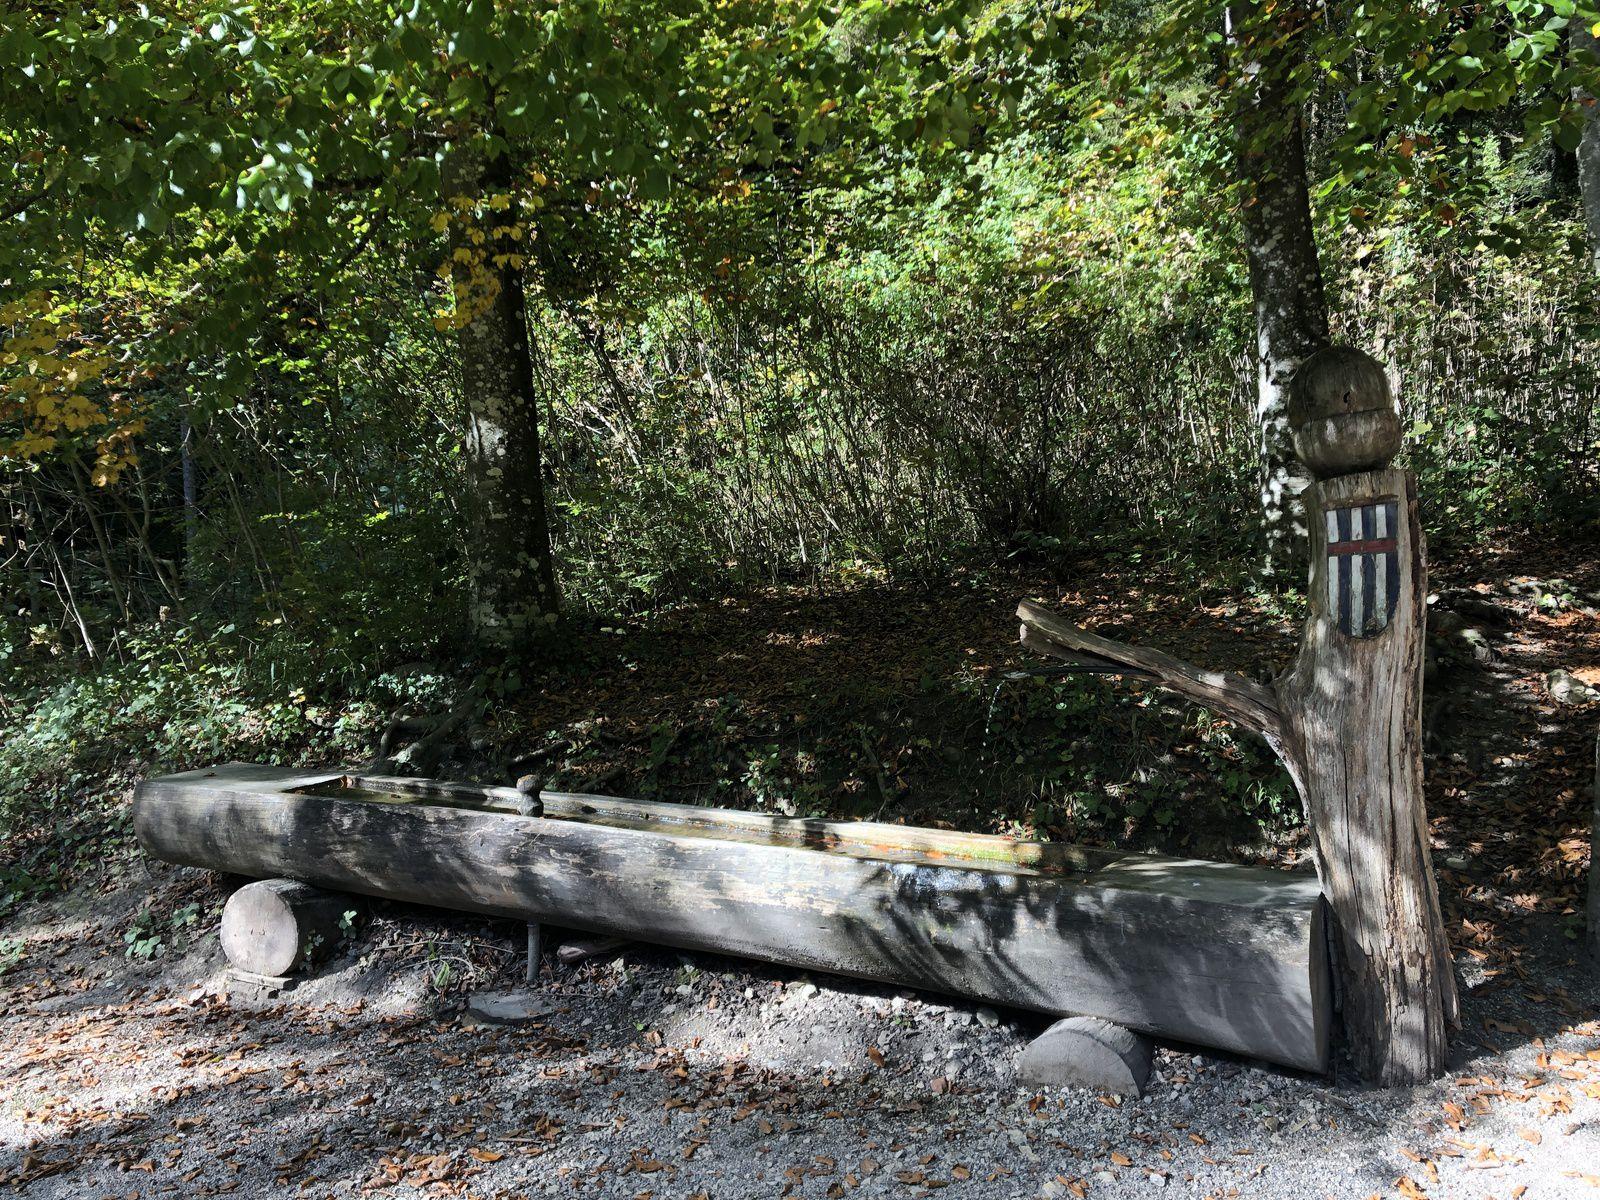 Mardi 19 Octobre : du coté de Baulmes Champvent